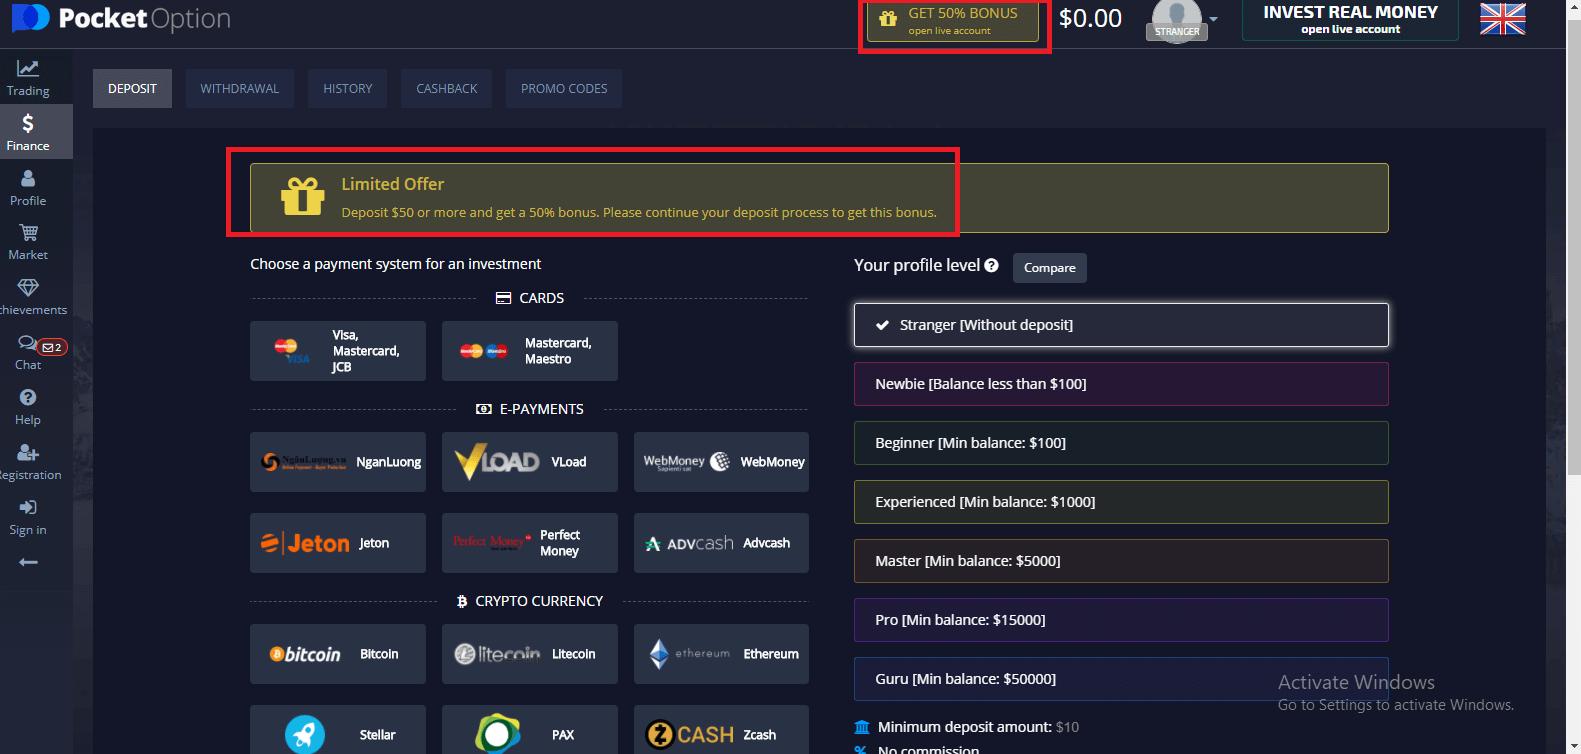 Pocket Option First Deposit Promotion - 50% Bonus